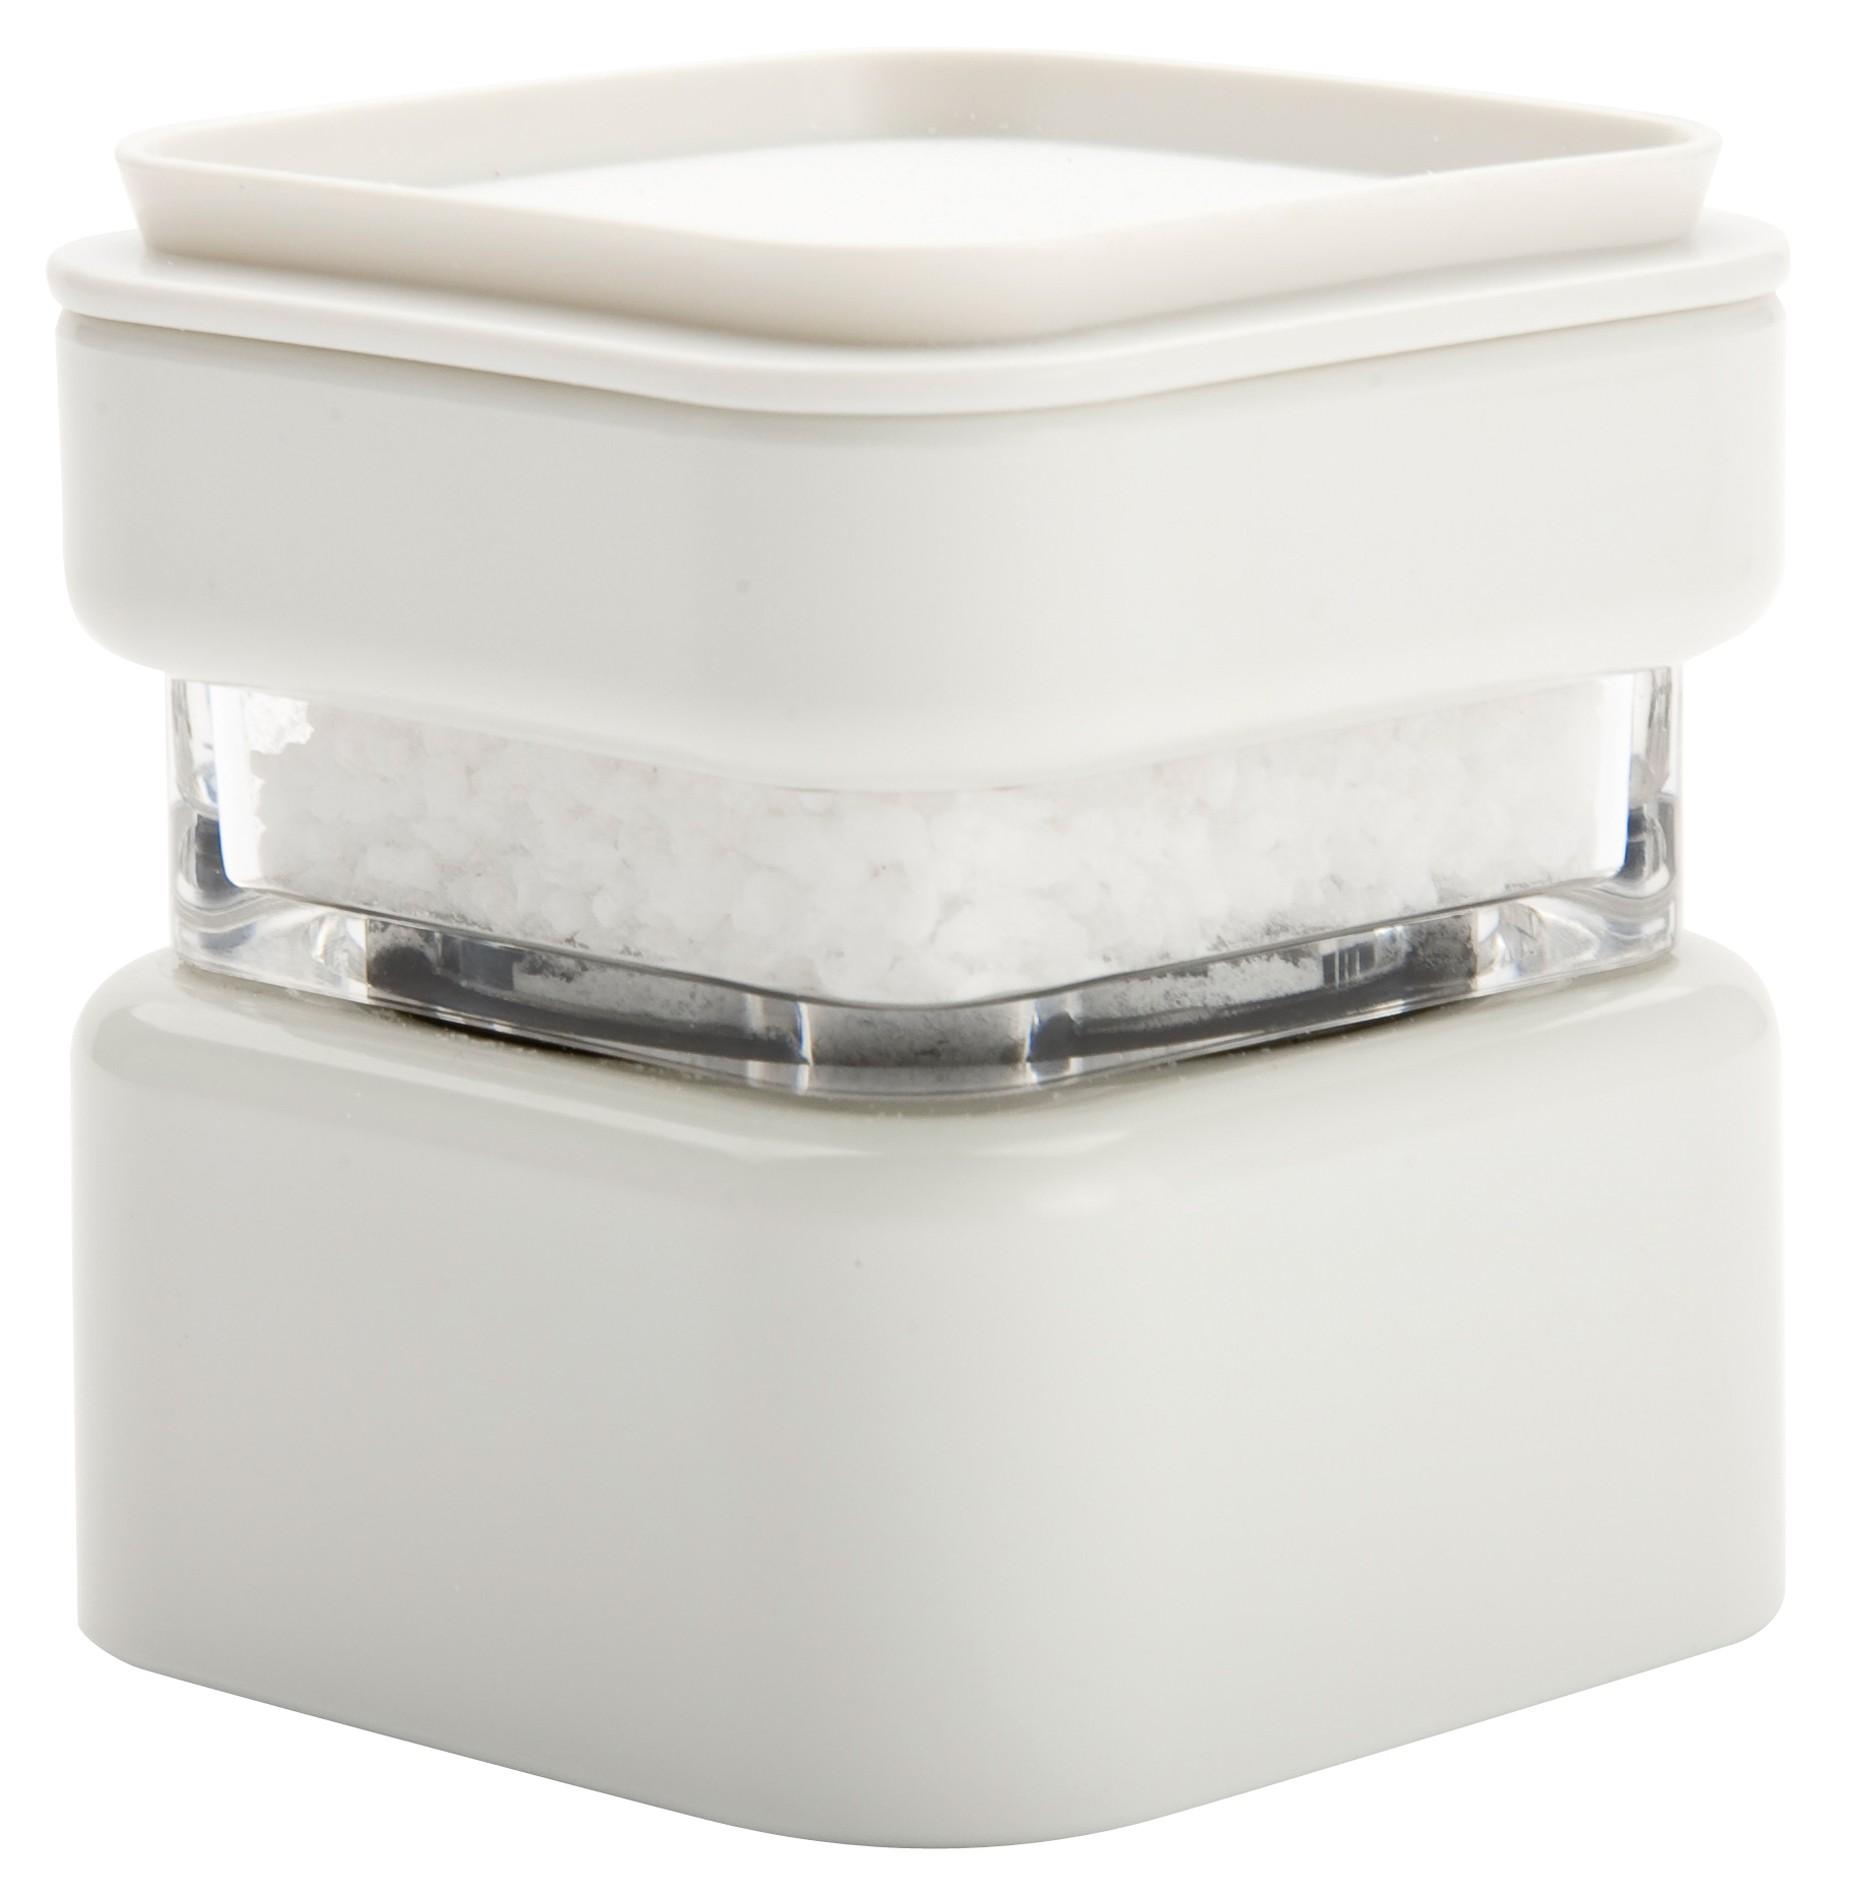 μύλος αλατοπίπερου zak μελαμίνης λευκός στοιβαζόμενος home   αξεσουαρ κουζινας   μύλοι αλατοπίπερου